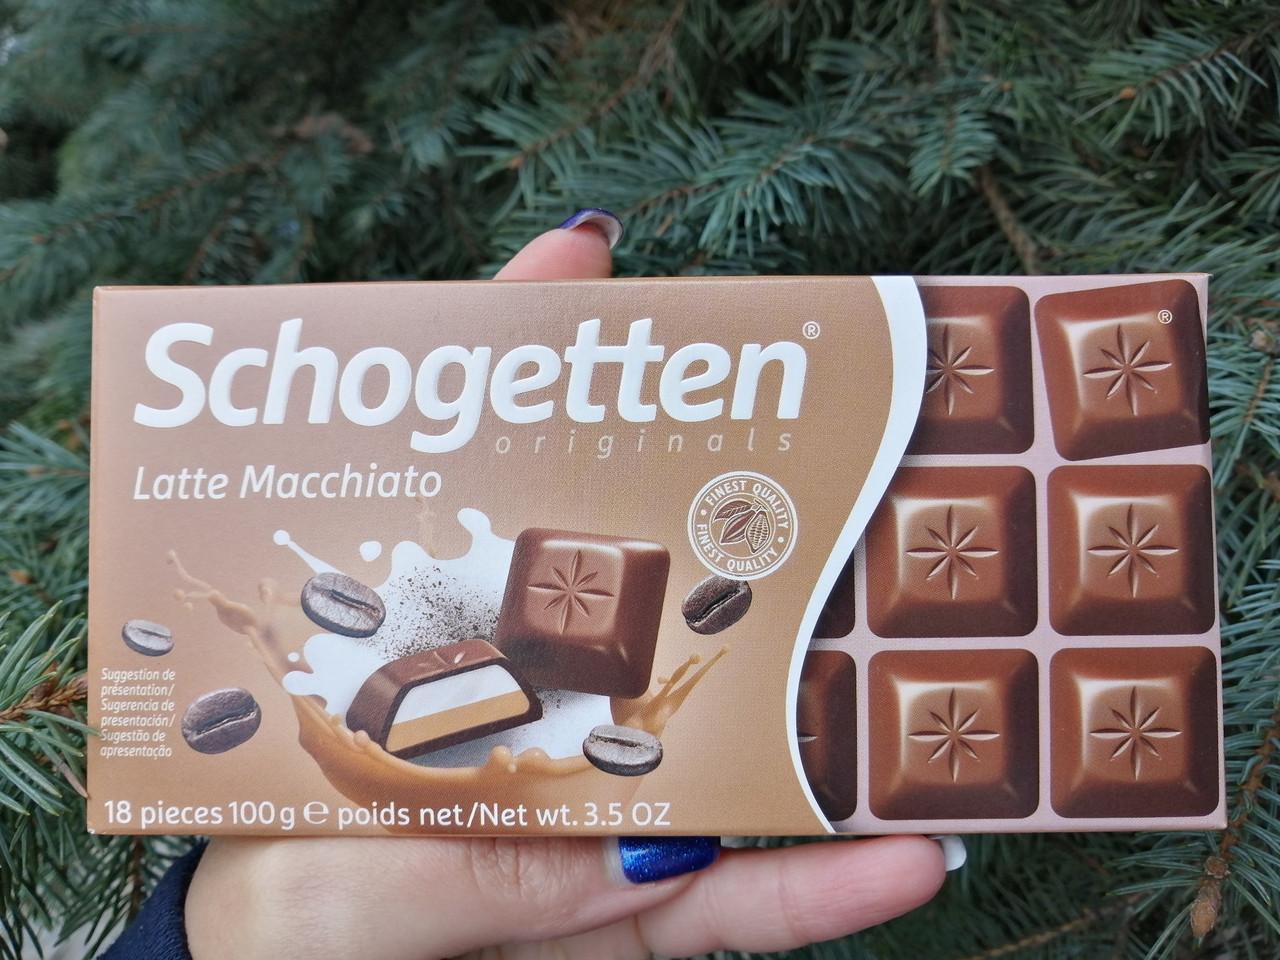 Schogetten Latte Macchisto